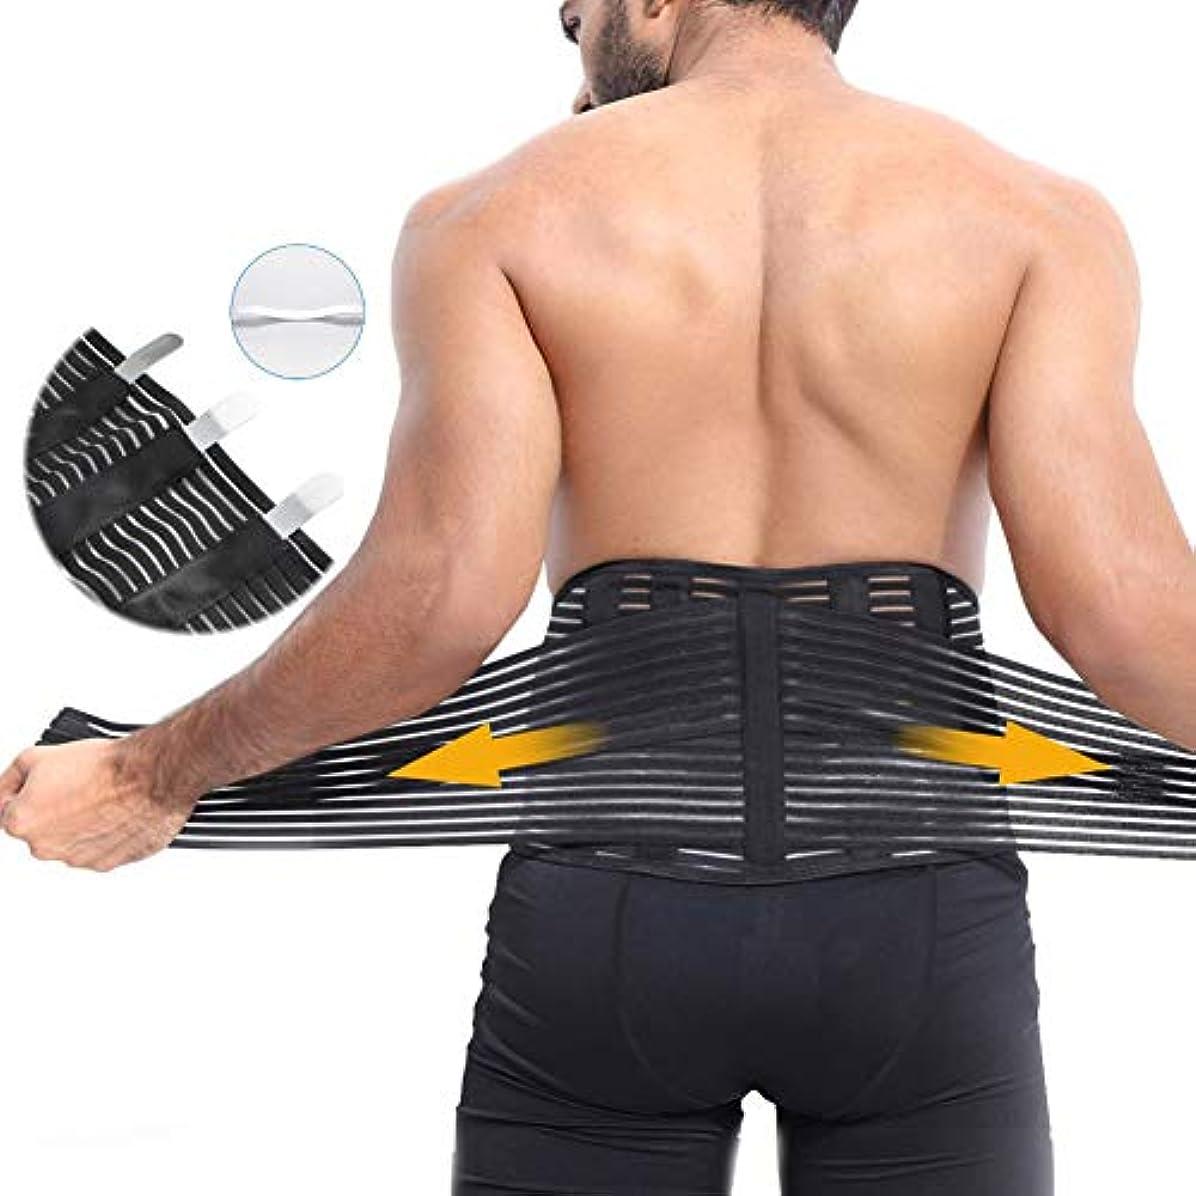 疼痛緩和姿勢矯正器具ヘルスケアジムフィットネスウエストプロテクター用デュアル調節可能ストラップと通気性メッシュパネル付き姿勢療法腰椎ベルト,M